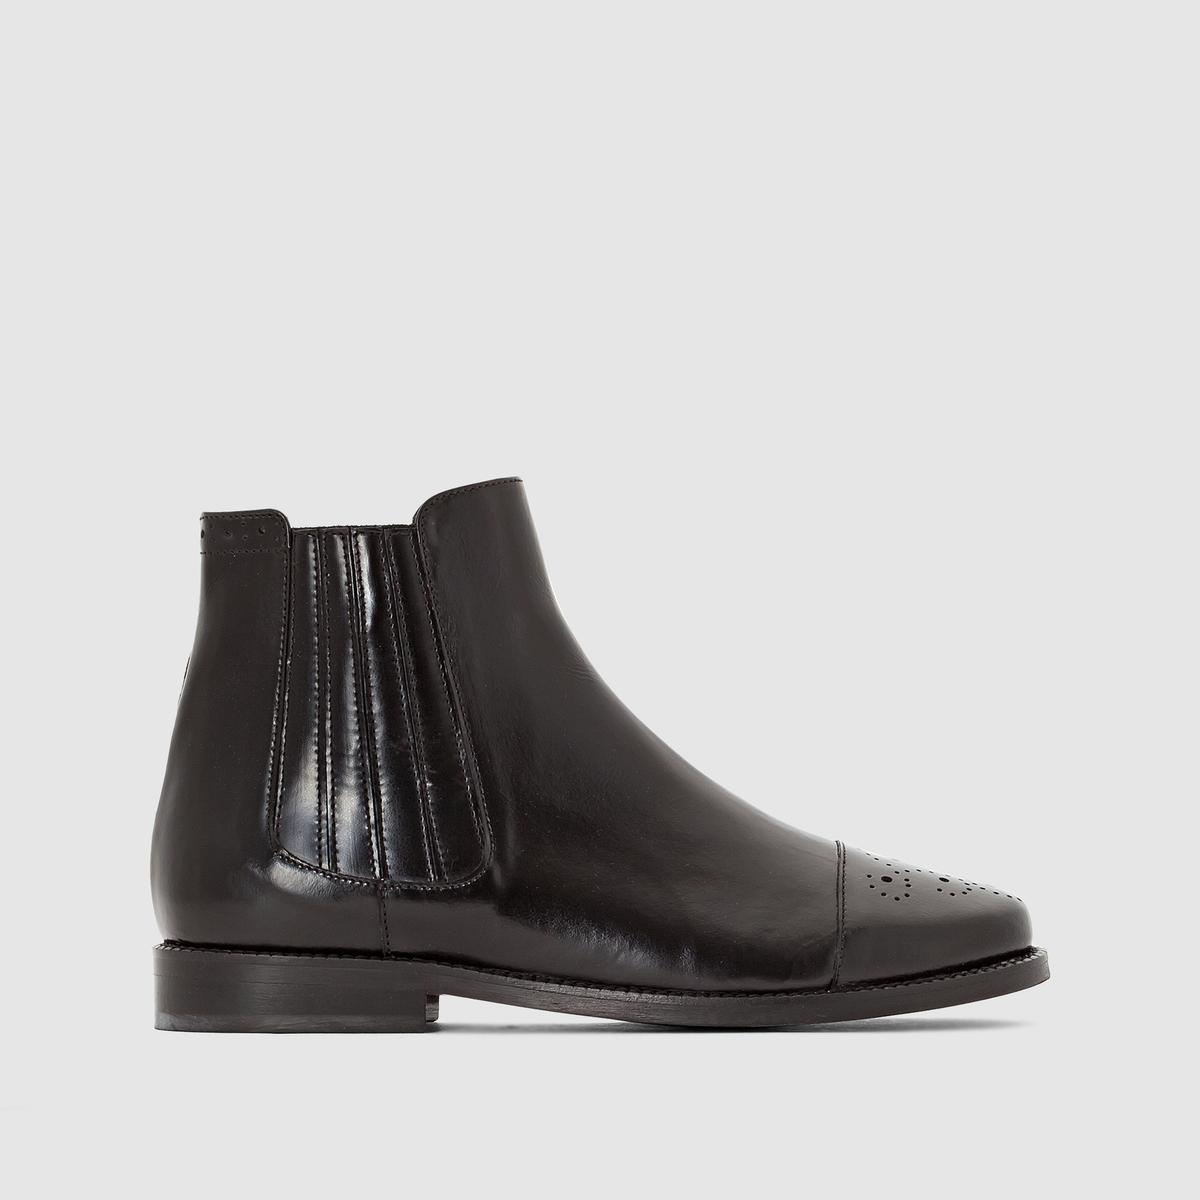 Ботинки кожаные DamalisПодкладка : Кожа.     Стелька : Кожа.     Подошва : Эластомер     Высота каблука : 1 см.     Высота голенища : 12 см     Форма каблука : Плоский     Мысок : Закругленный     Застежка : без застежки<br><br>Цвет: черный<br>Размер: 38.40.37